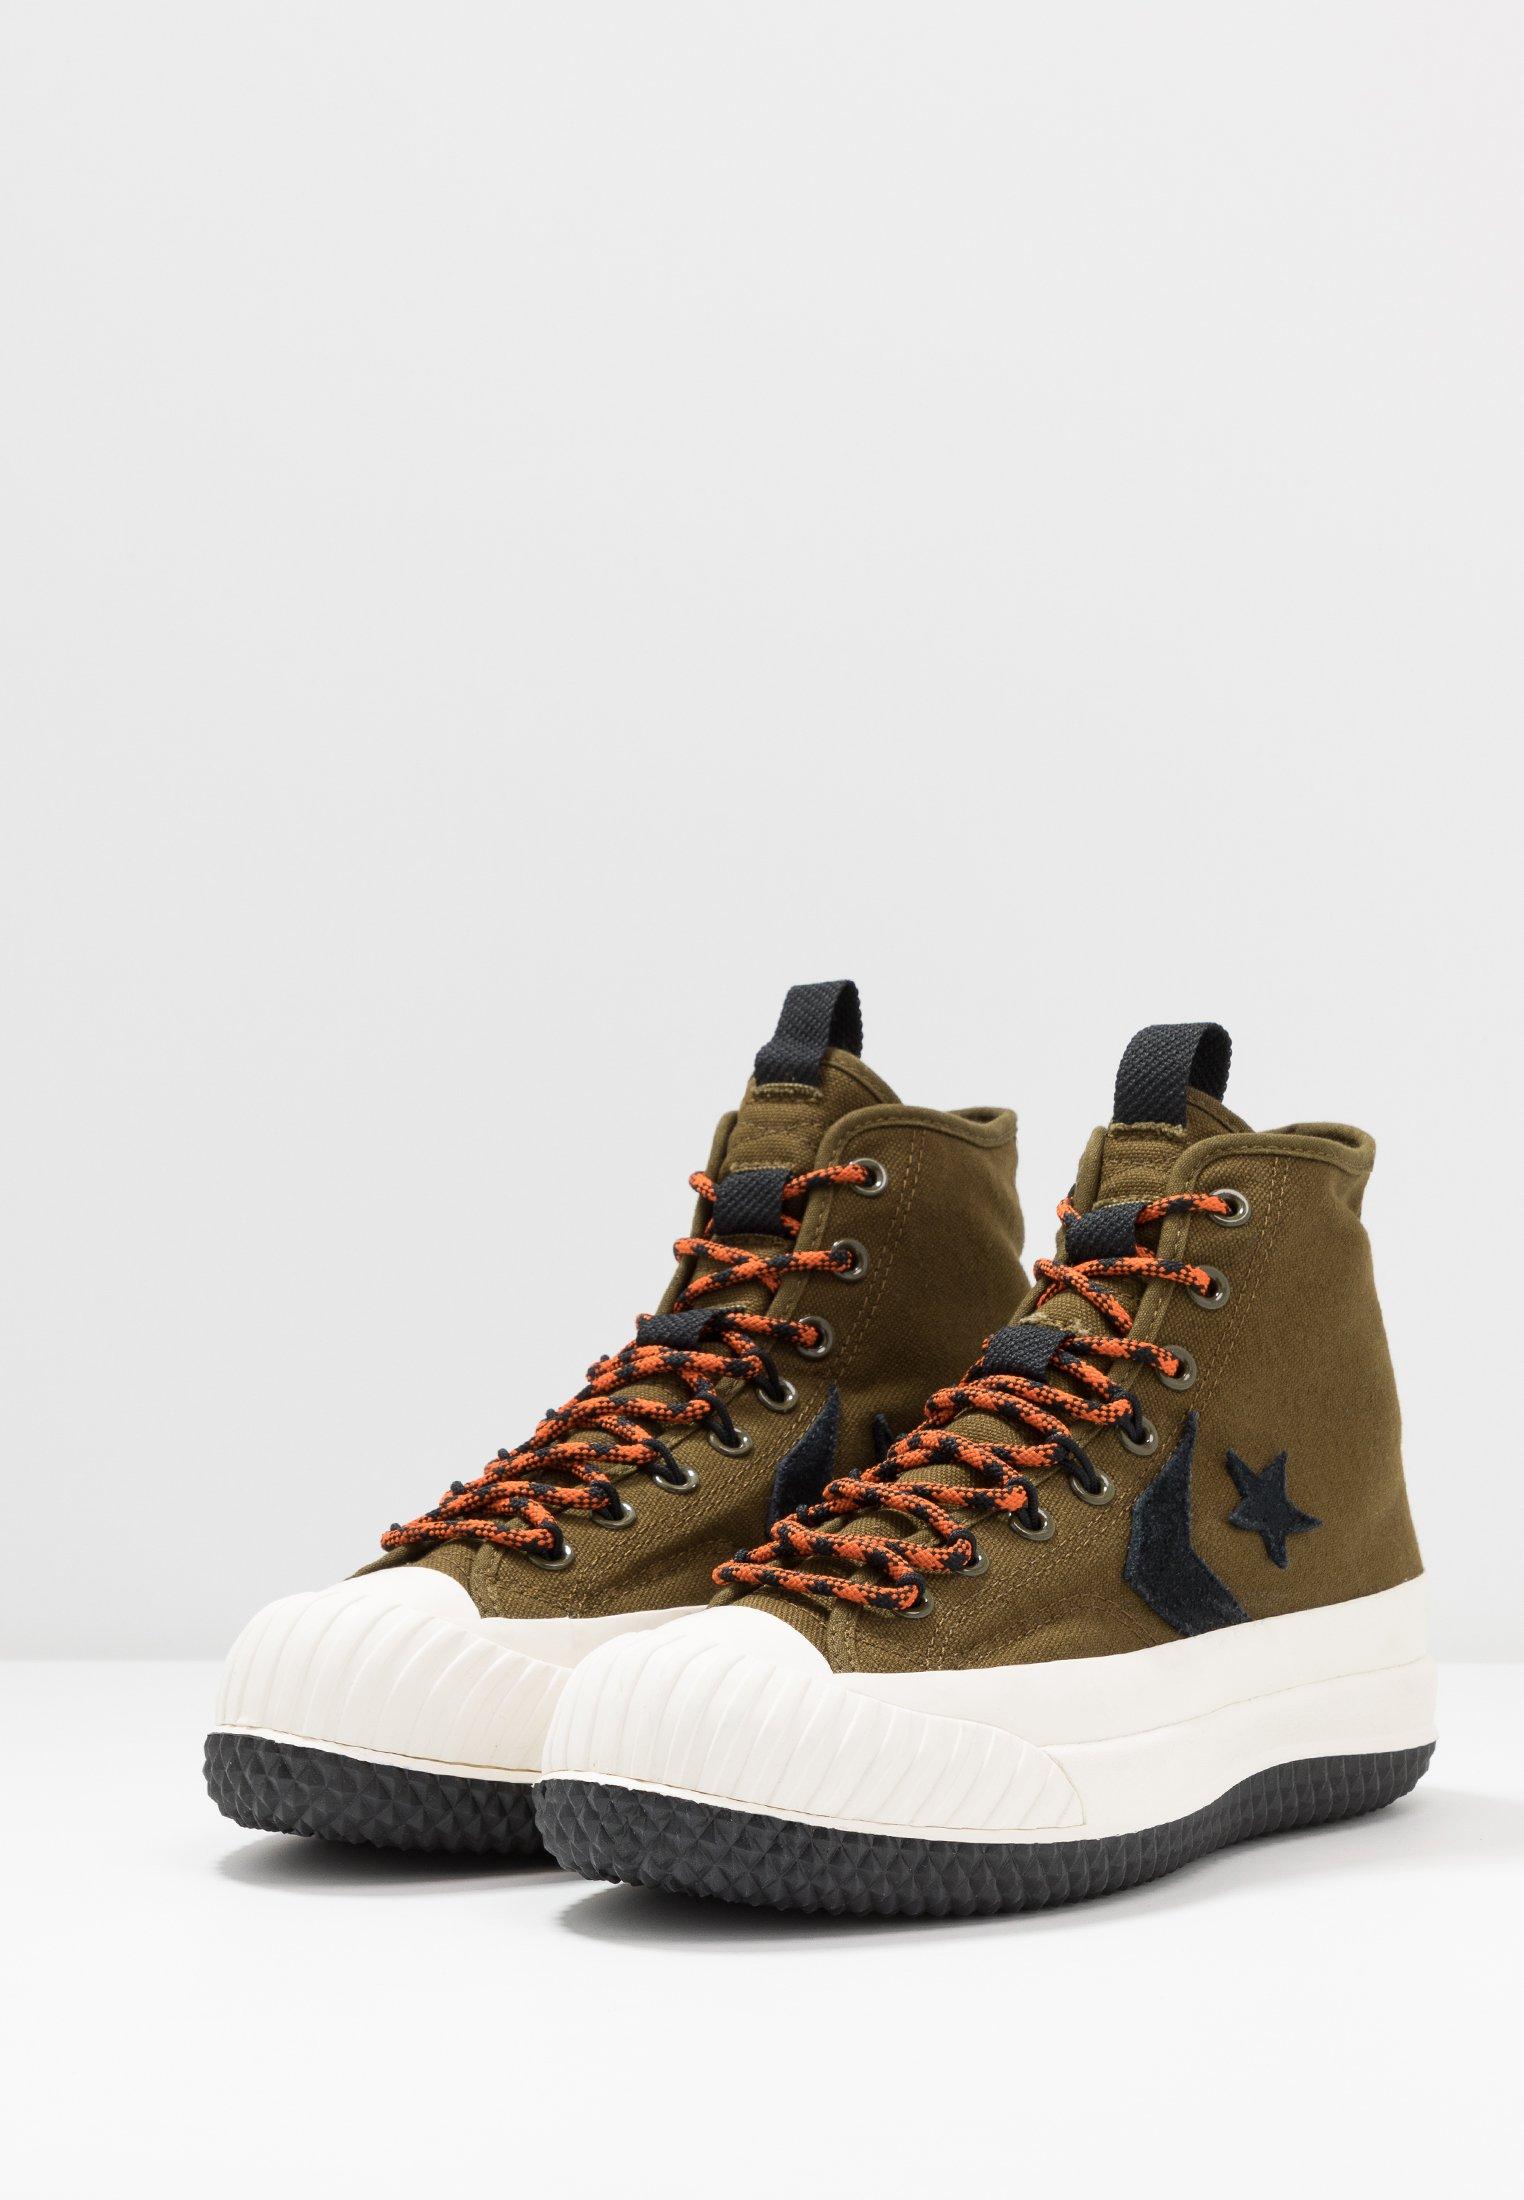 Converse BOSEY MC WATER REPELLENT - Baskets montantes surplus olive/campfire orange/black